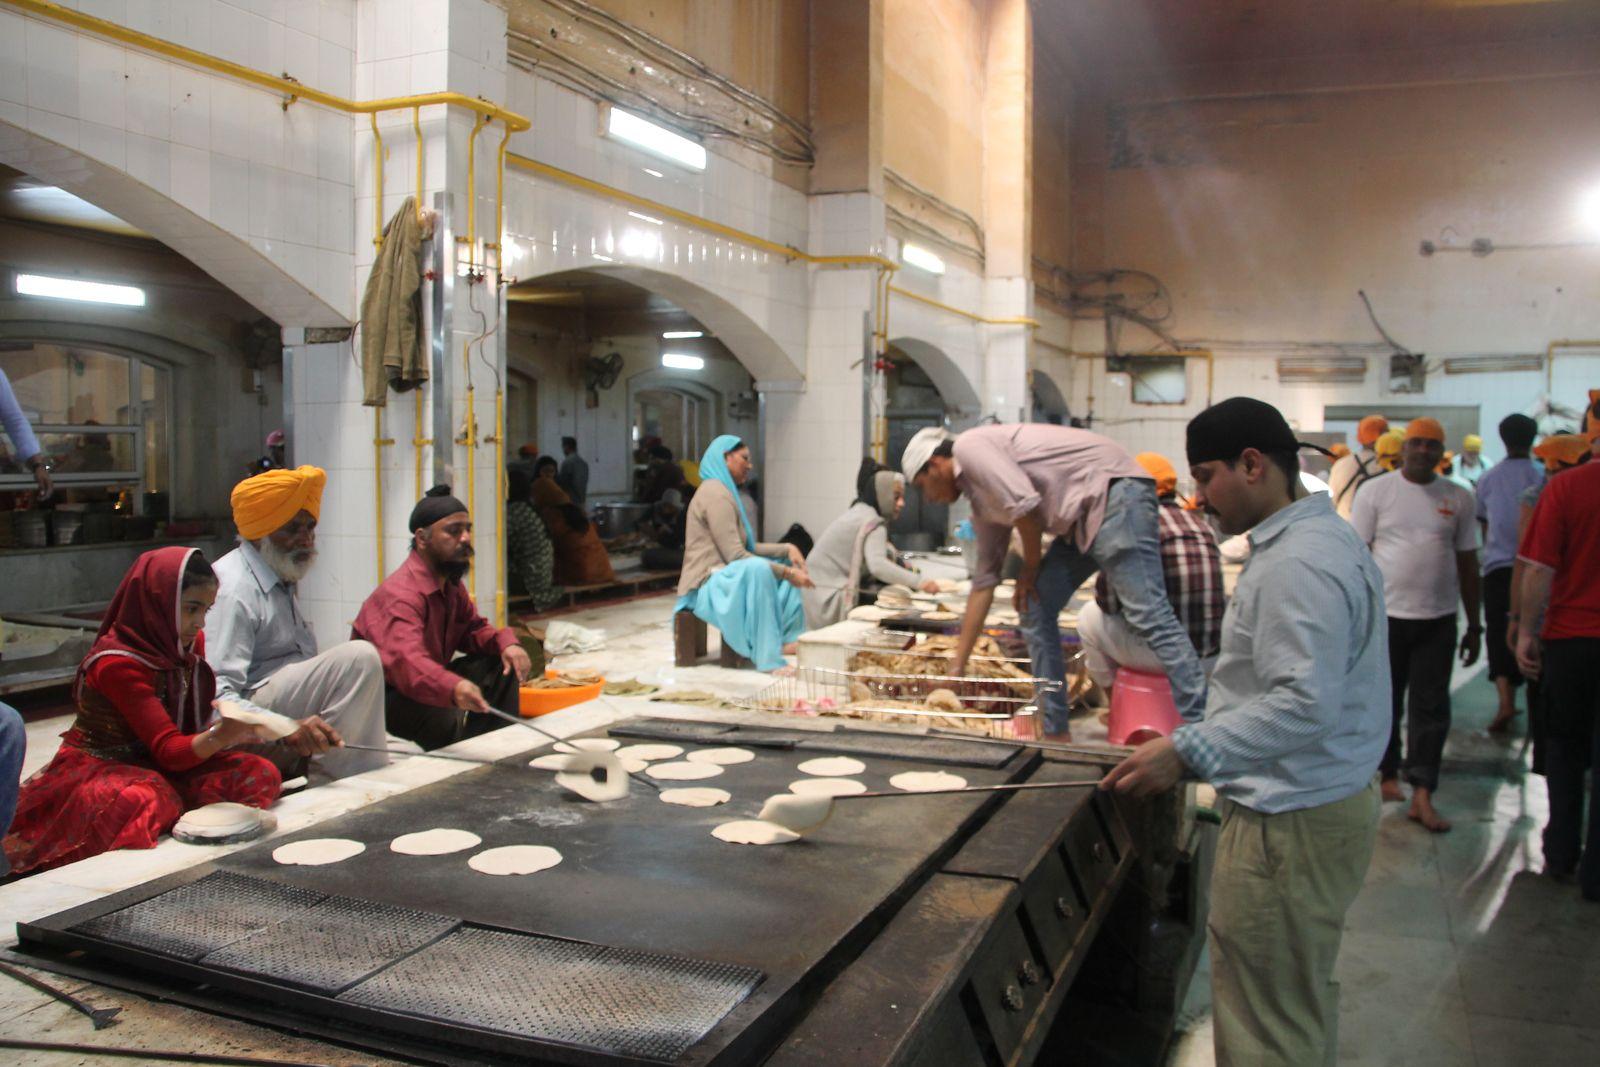 Pilons de poulet tandoori au four - balade indienne